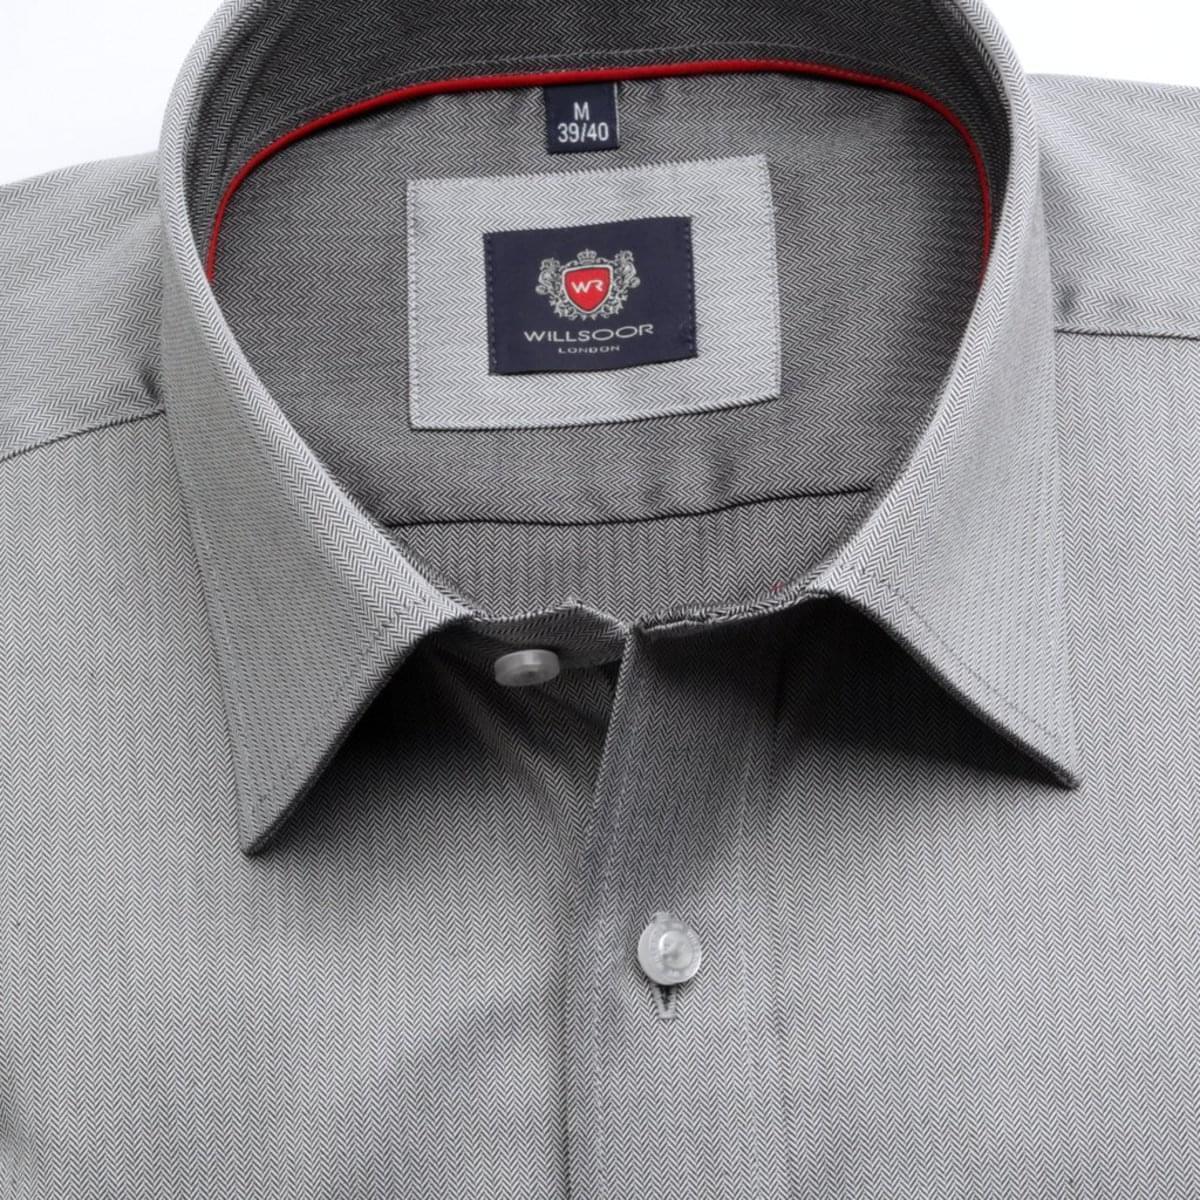 Pánská klasická košile London (výška 176-182) 6892 v šedé barvě s formulí Easy Care 176-182 / L (41/42)